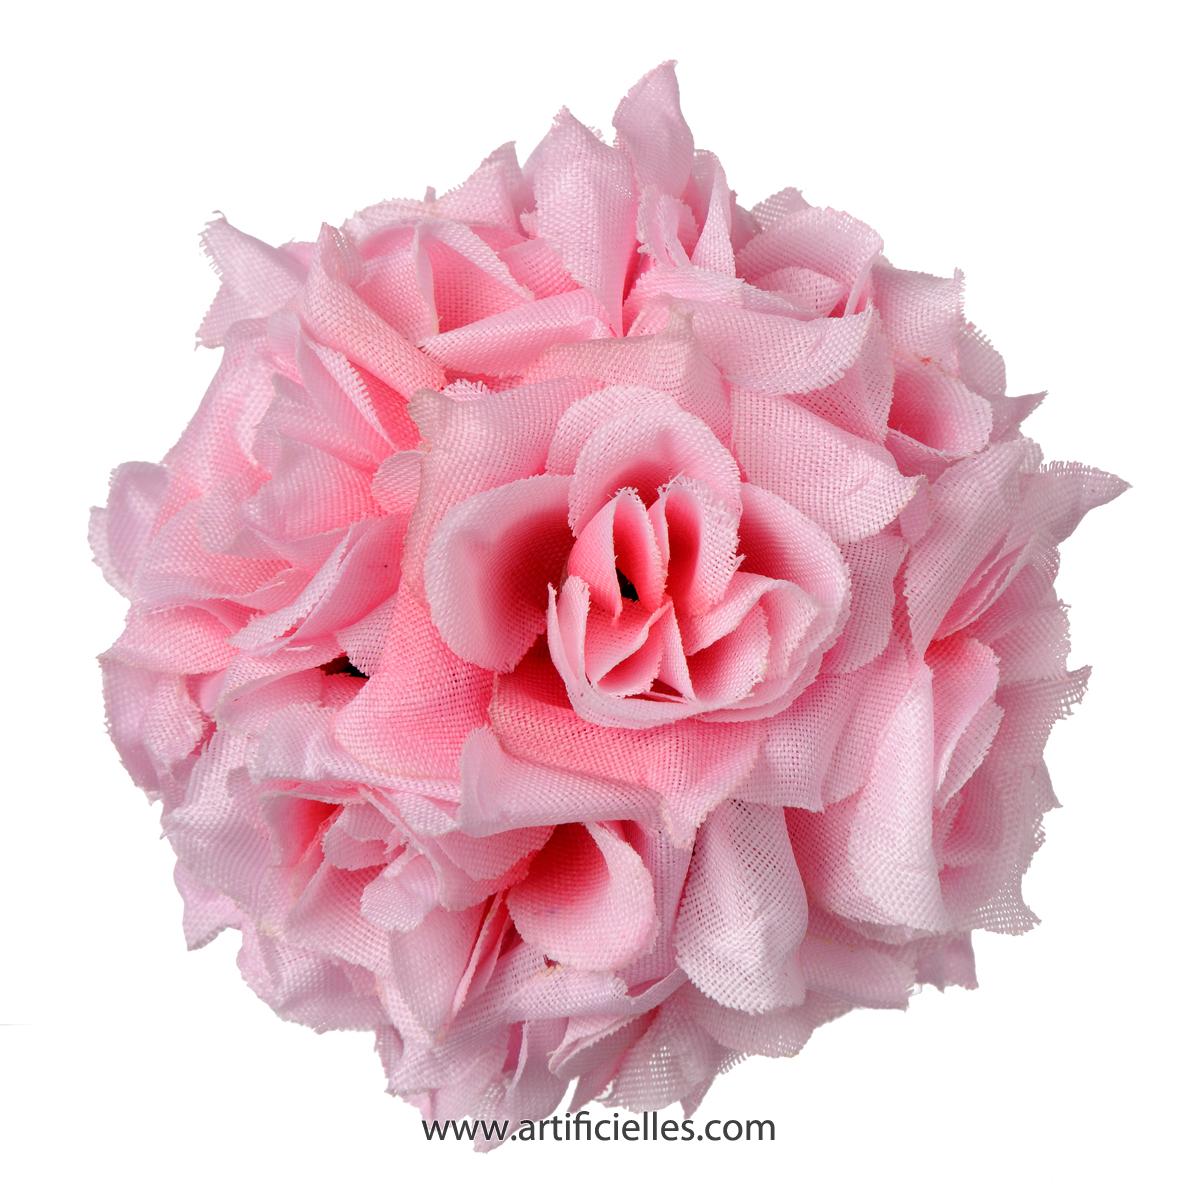 tetes de rose artificielle x 24 d 5 cm pour boule de rose du site. Black Bedroom Furniture Sets. Home Design Ideas